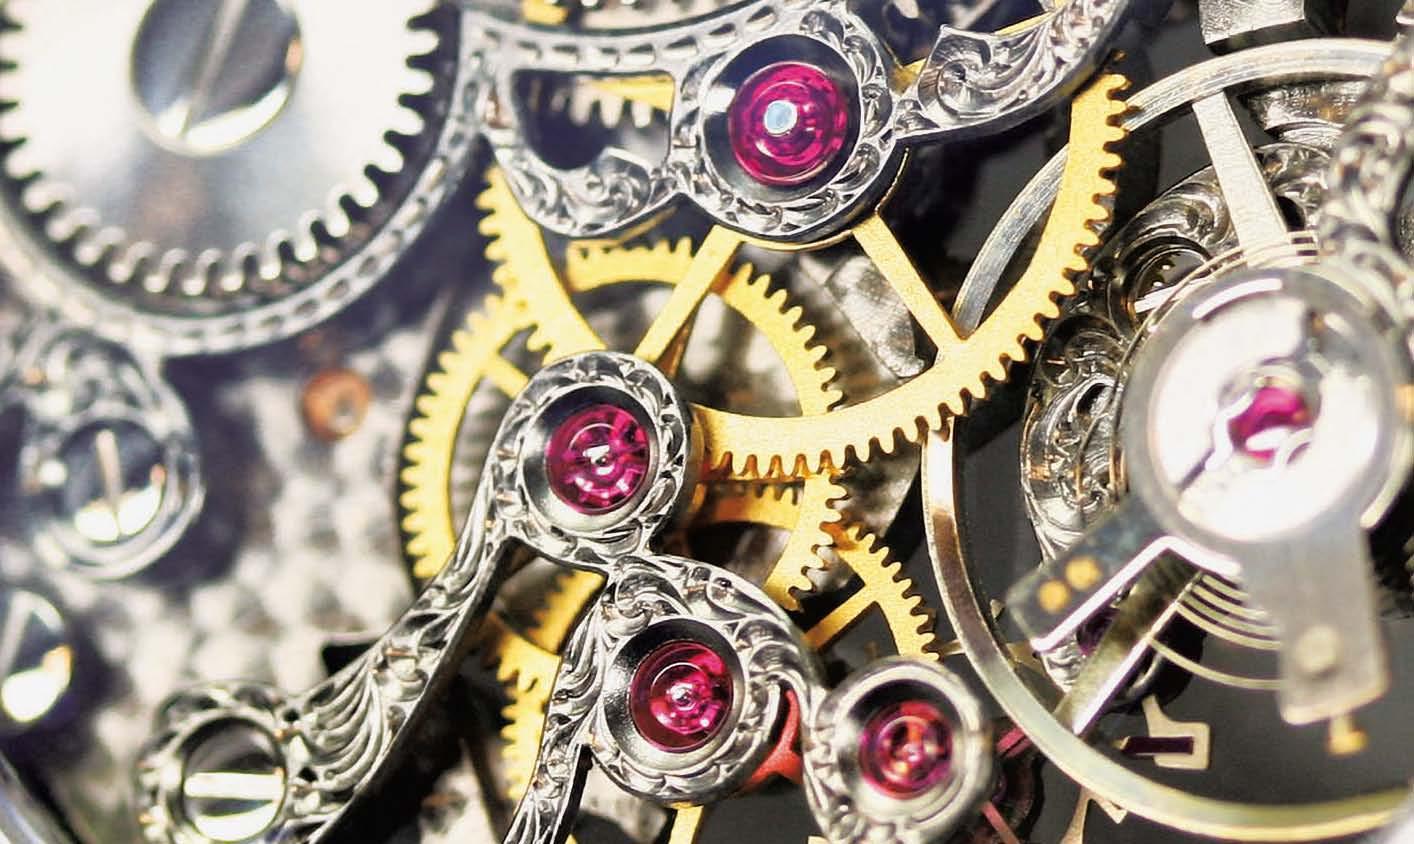 các thương hiệu đồng hồ Thụy Sỹ nổi tiếng với sự tỉ mỉ